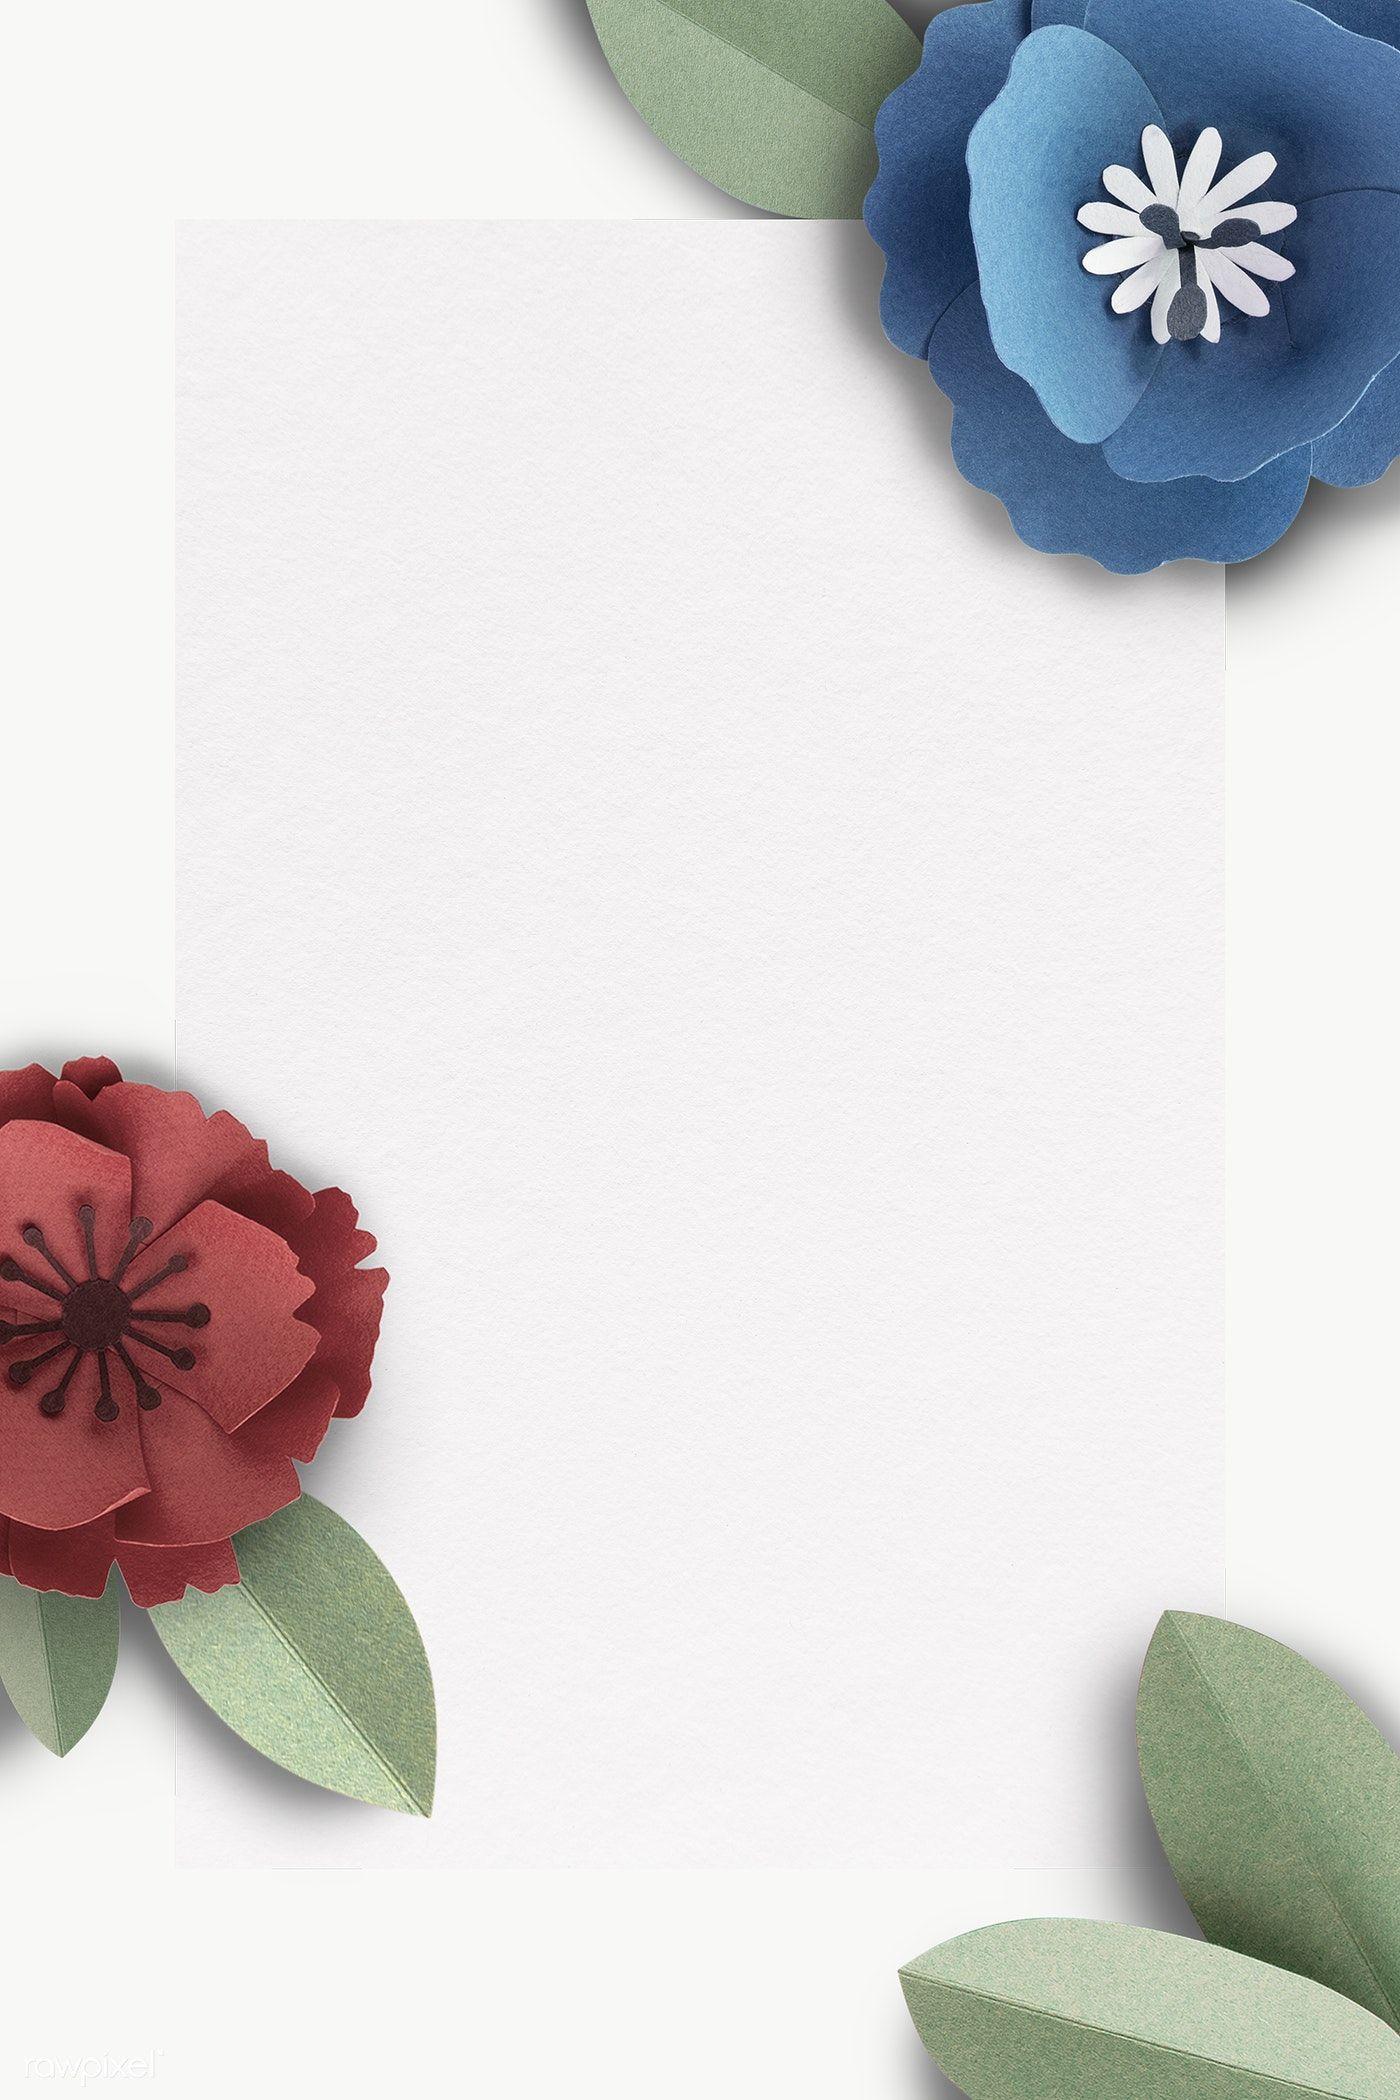 Download Premium Png Of Flower Decorated Gray Banner Transparent Png Flower Illustration Flower Frame Flower Decorations